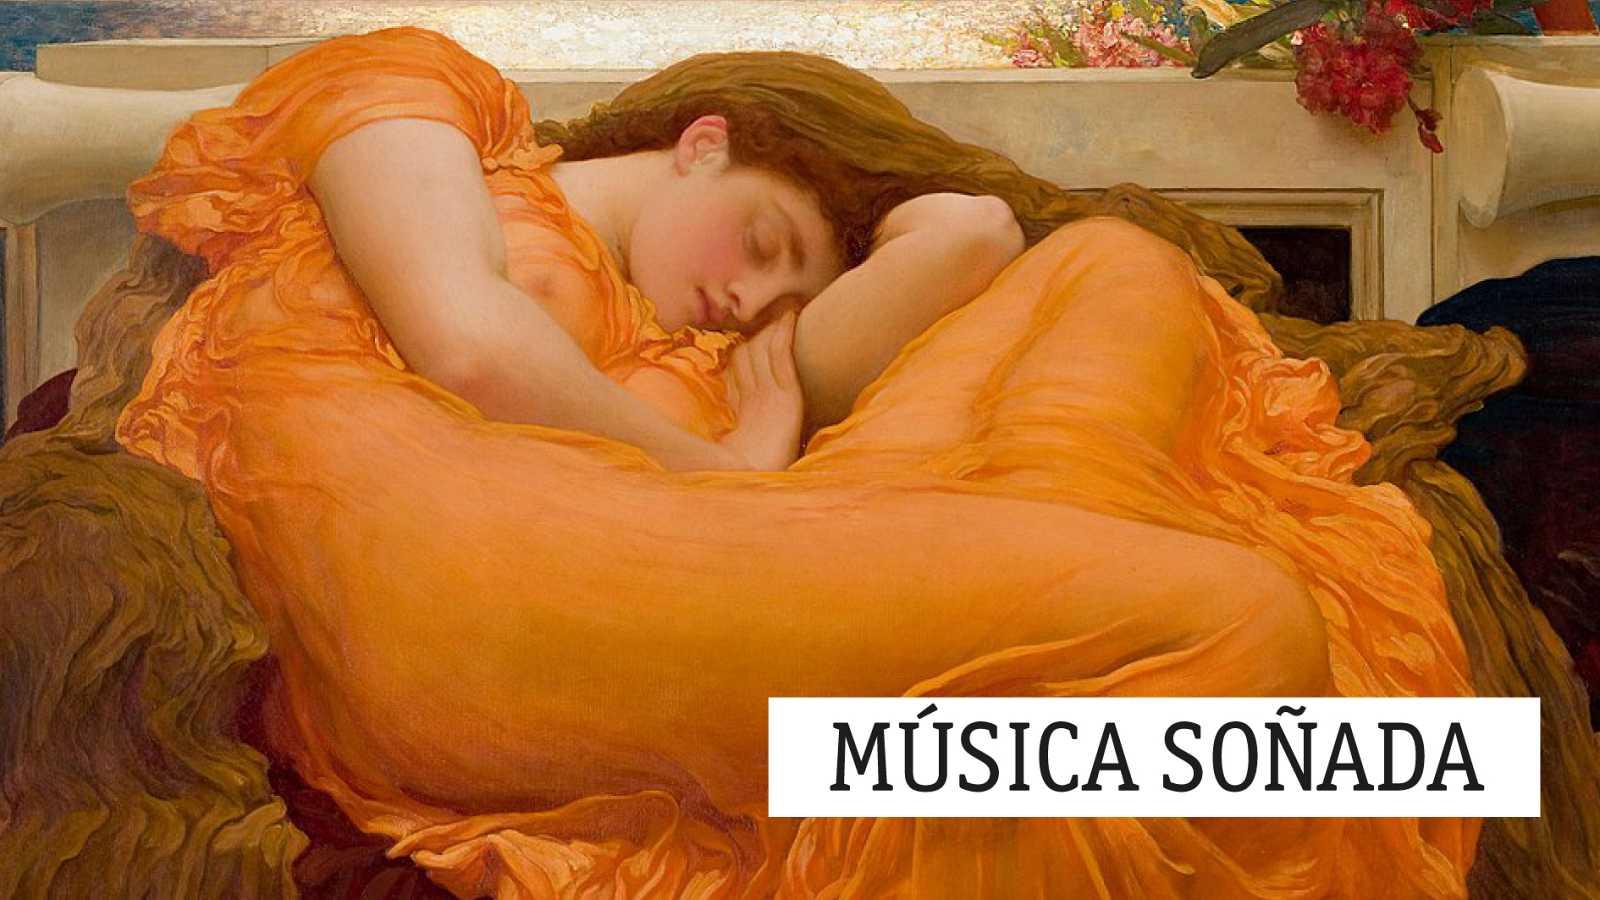 Música soñada - Plumas - 20/02/21 - escuchar ahora